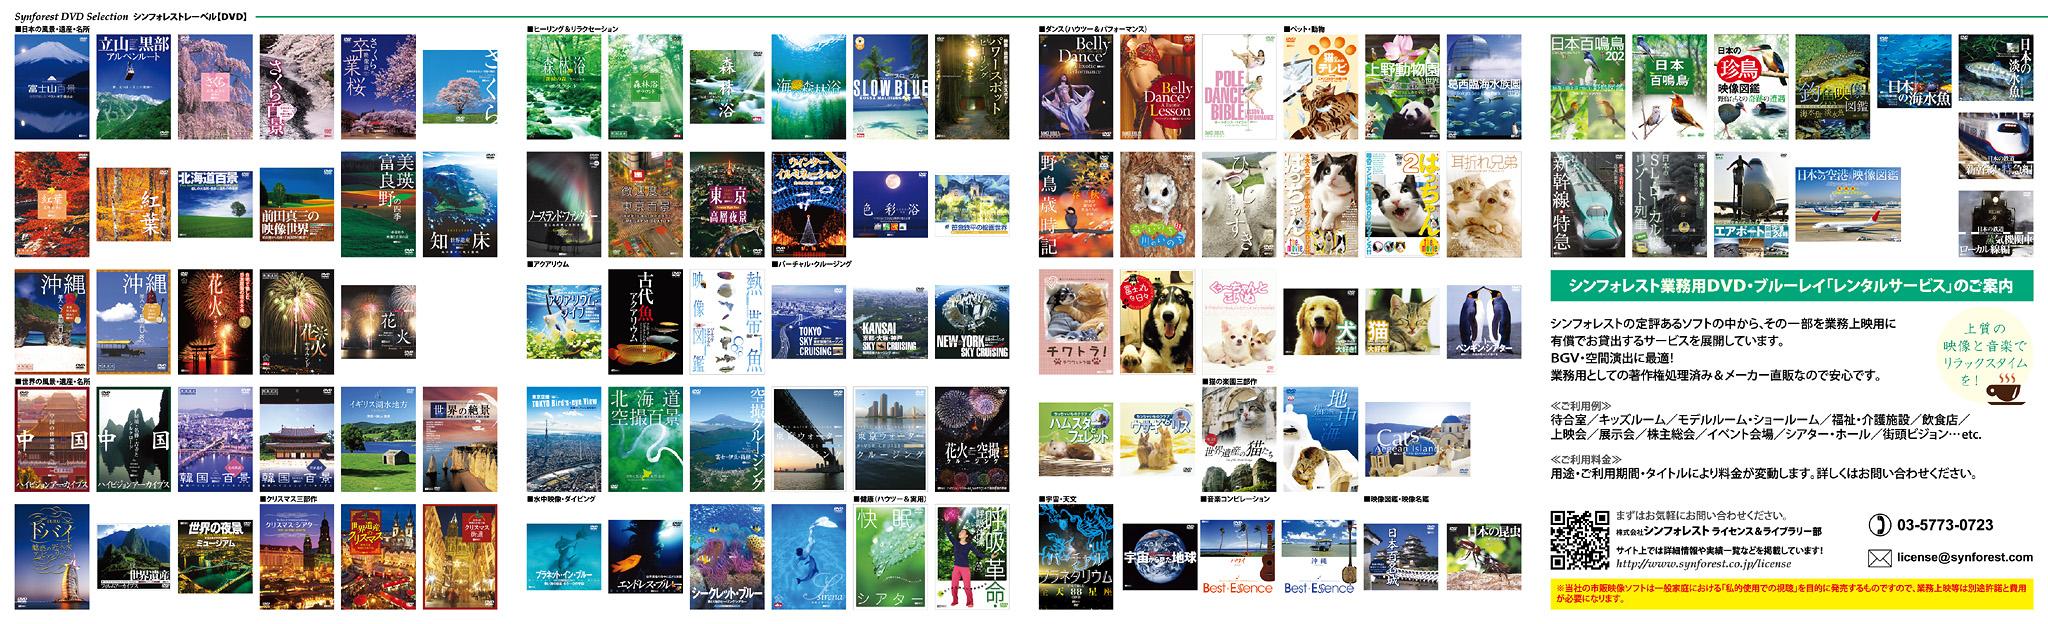 シンフォレスト総合カタログ-v2-JPEG-2-中面